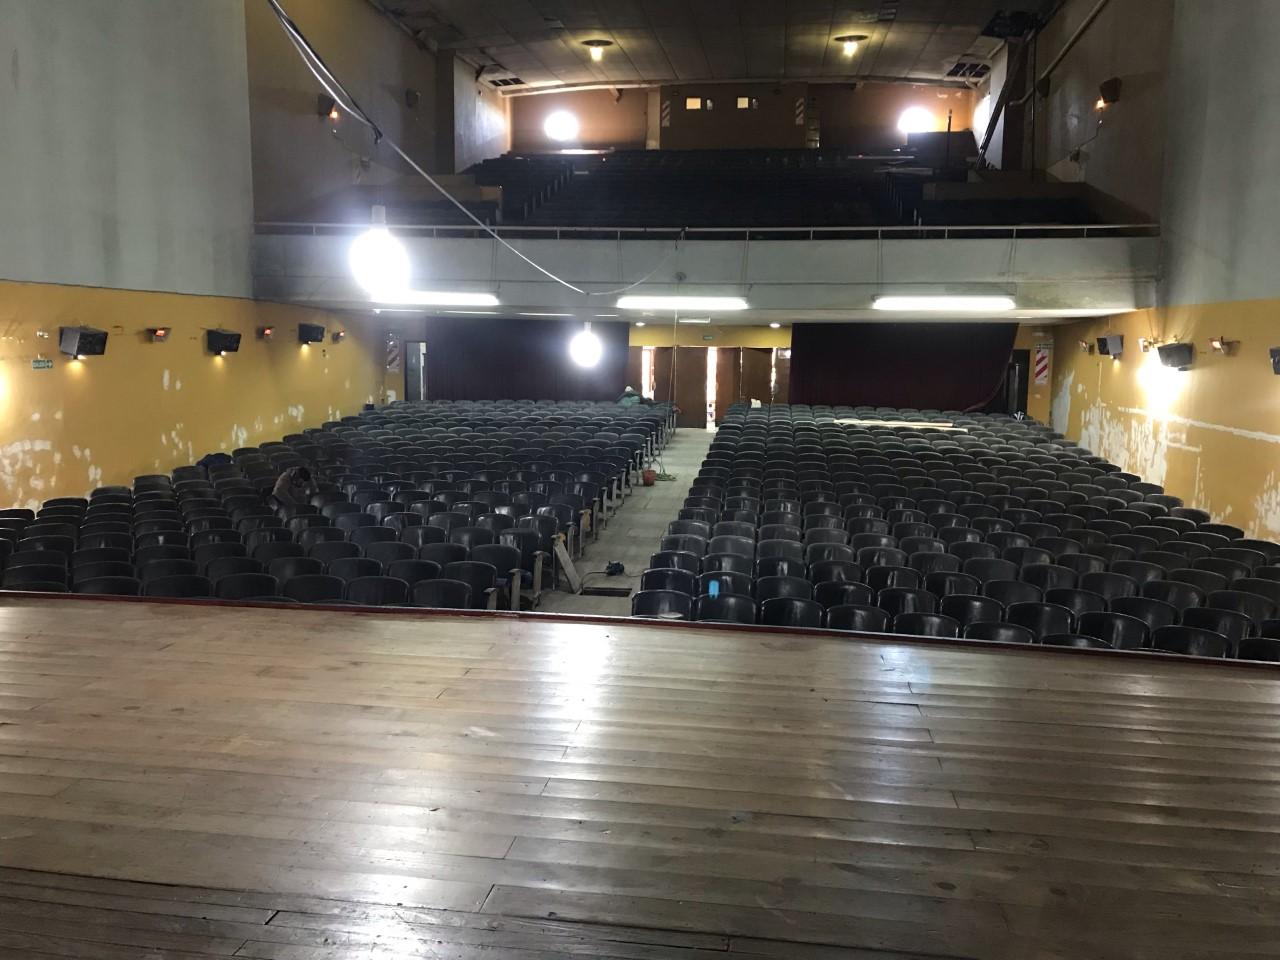 Continúan los avances en el Cine Teatro Municipal Victoria, que próximamente abrirá sus puertas como emblema de nuestra identidad y con sentido de pertenencia.